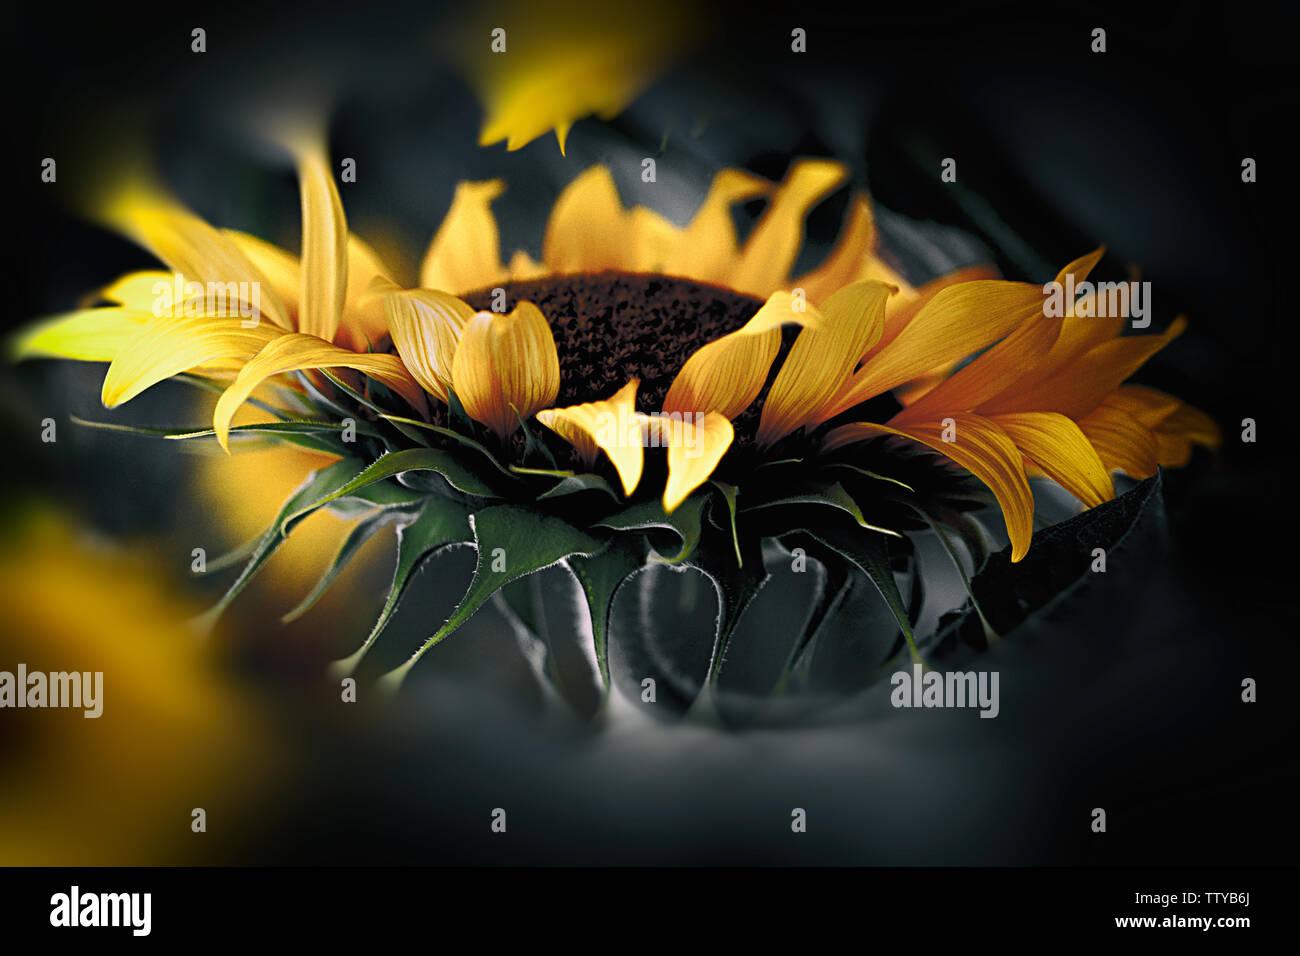 magic sunflower, spain - europe Stock Photo